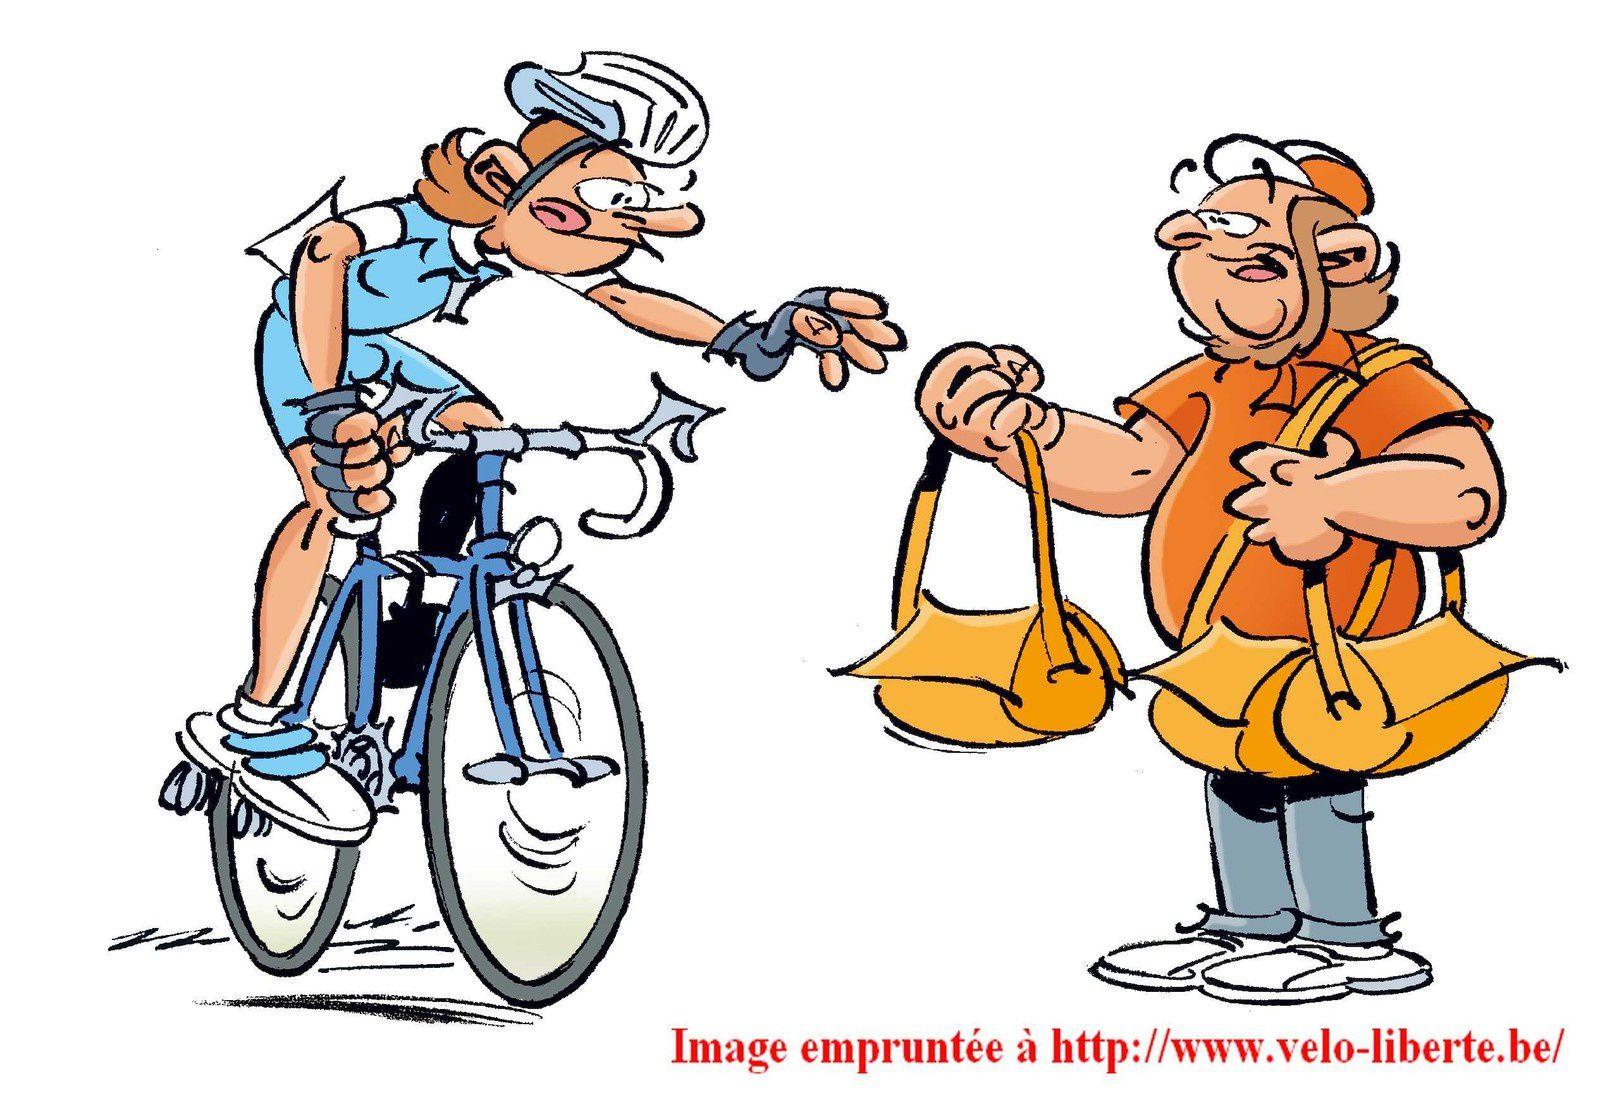 Le cycliste a droit à la musette...